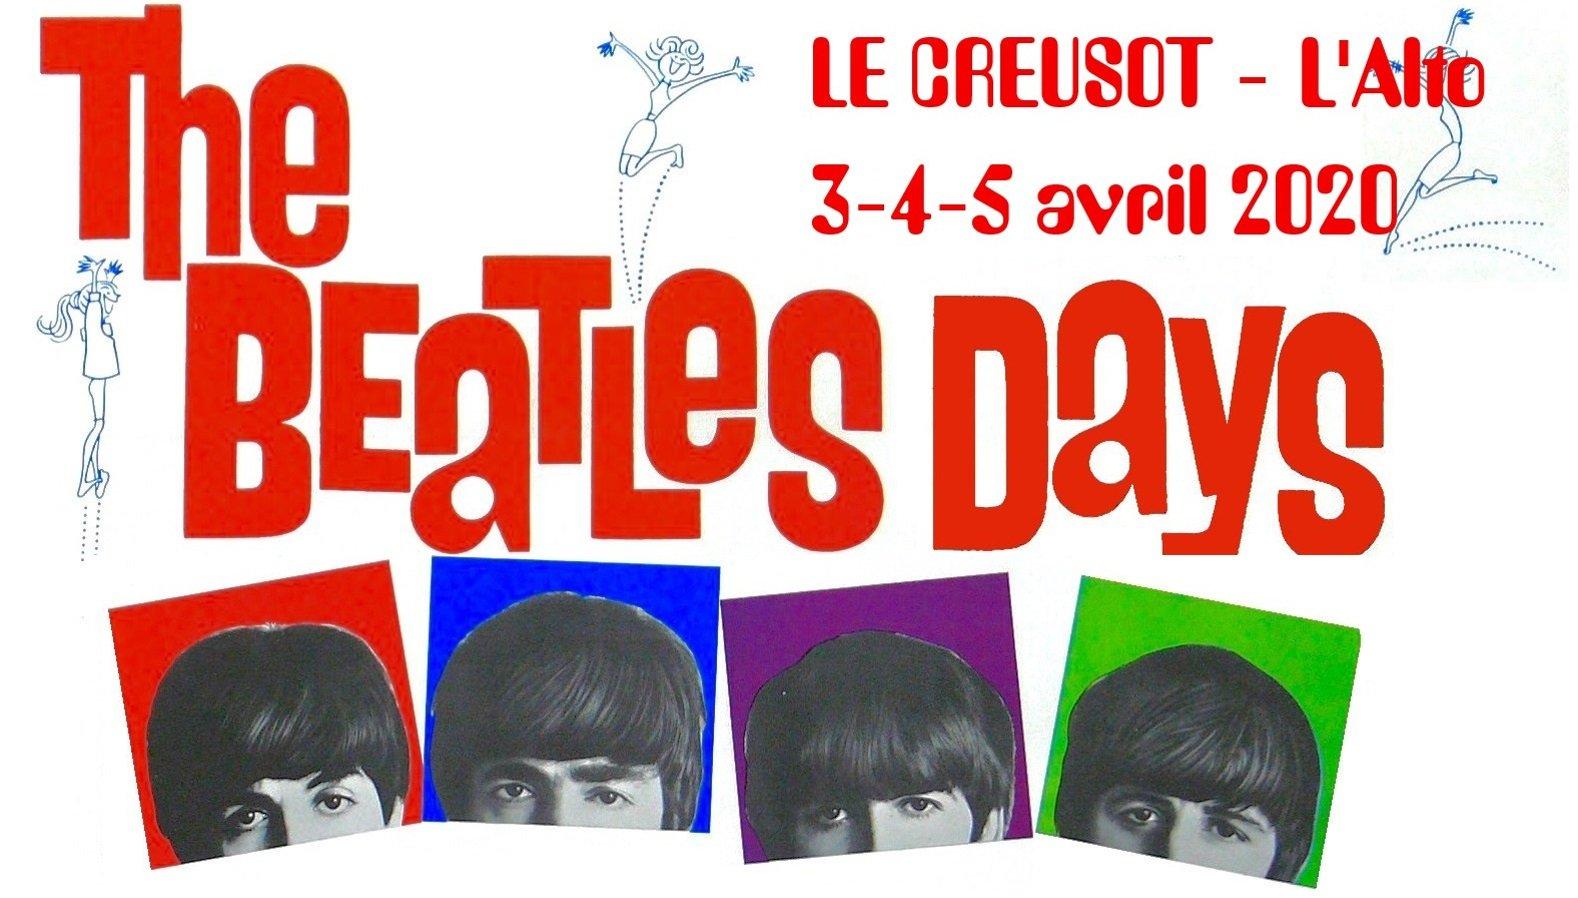 Beatles days Le Creusot